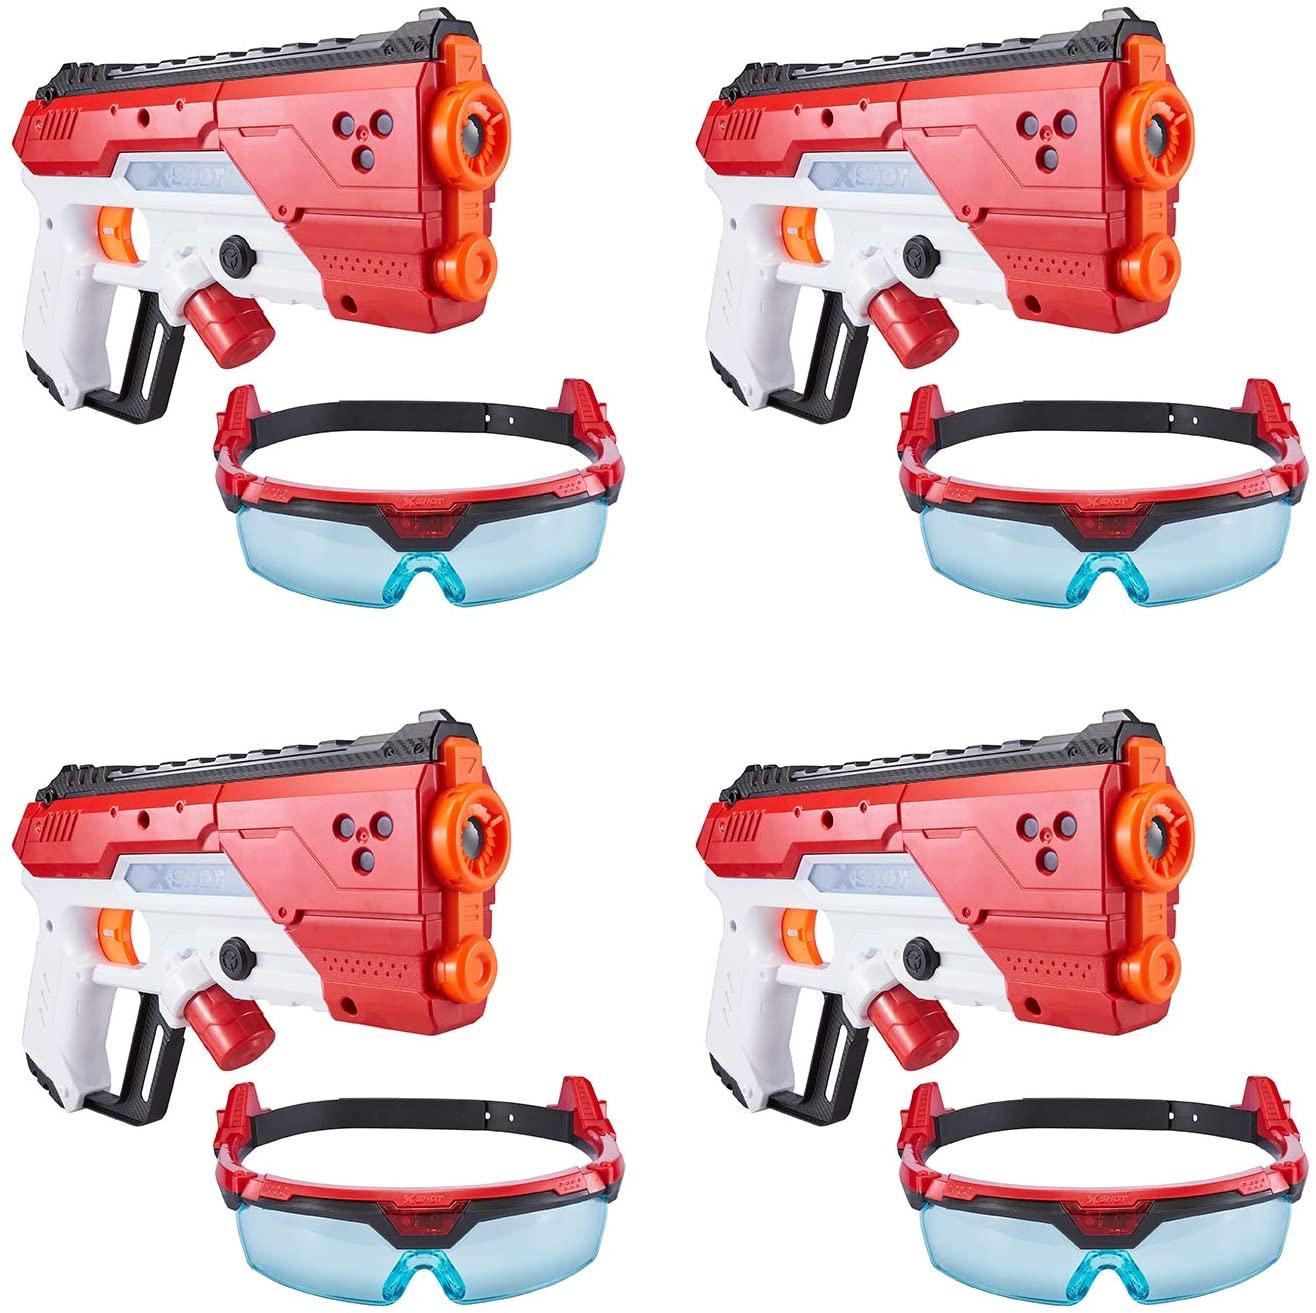 Zuru X-Shot Laser360° Ultimate Laser Blaster Party Pack (4 Laser Blasters, 4 Goggles)